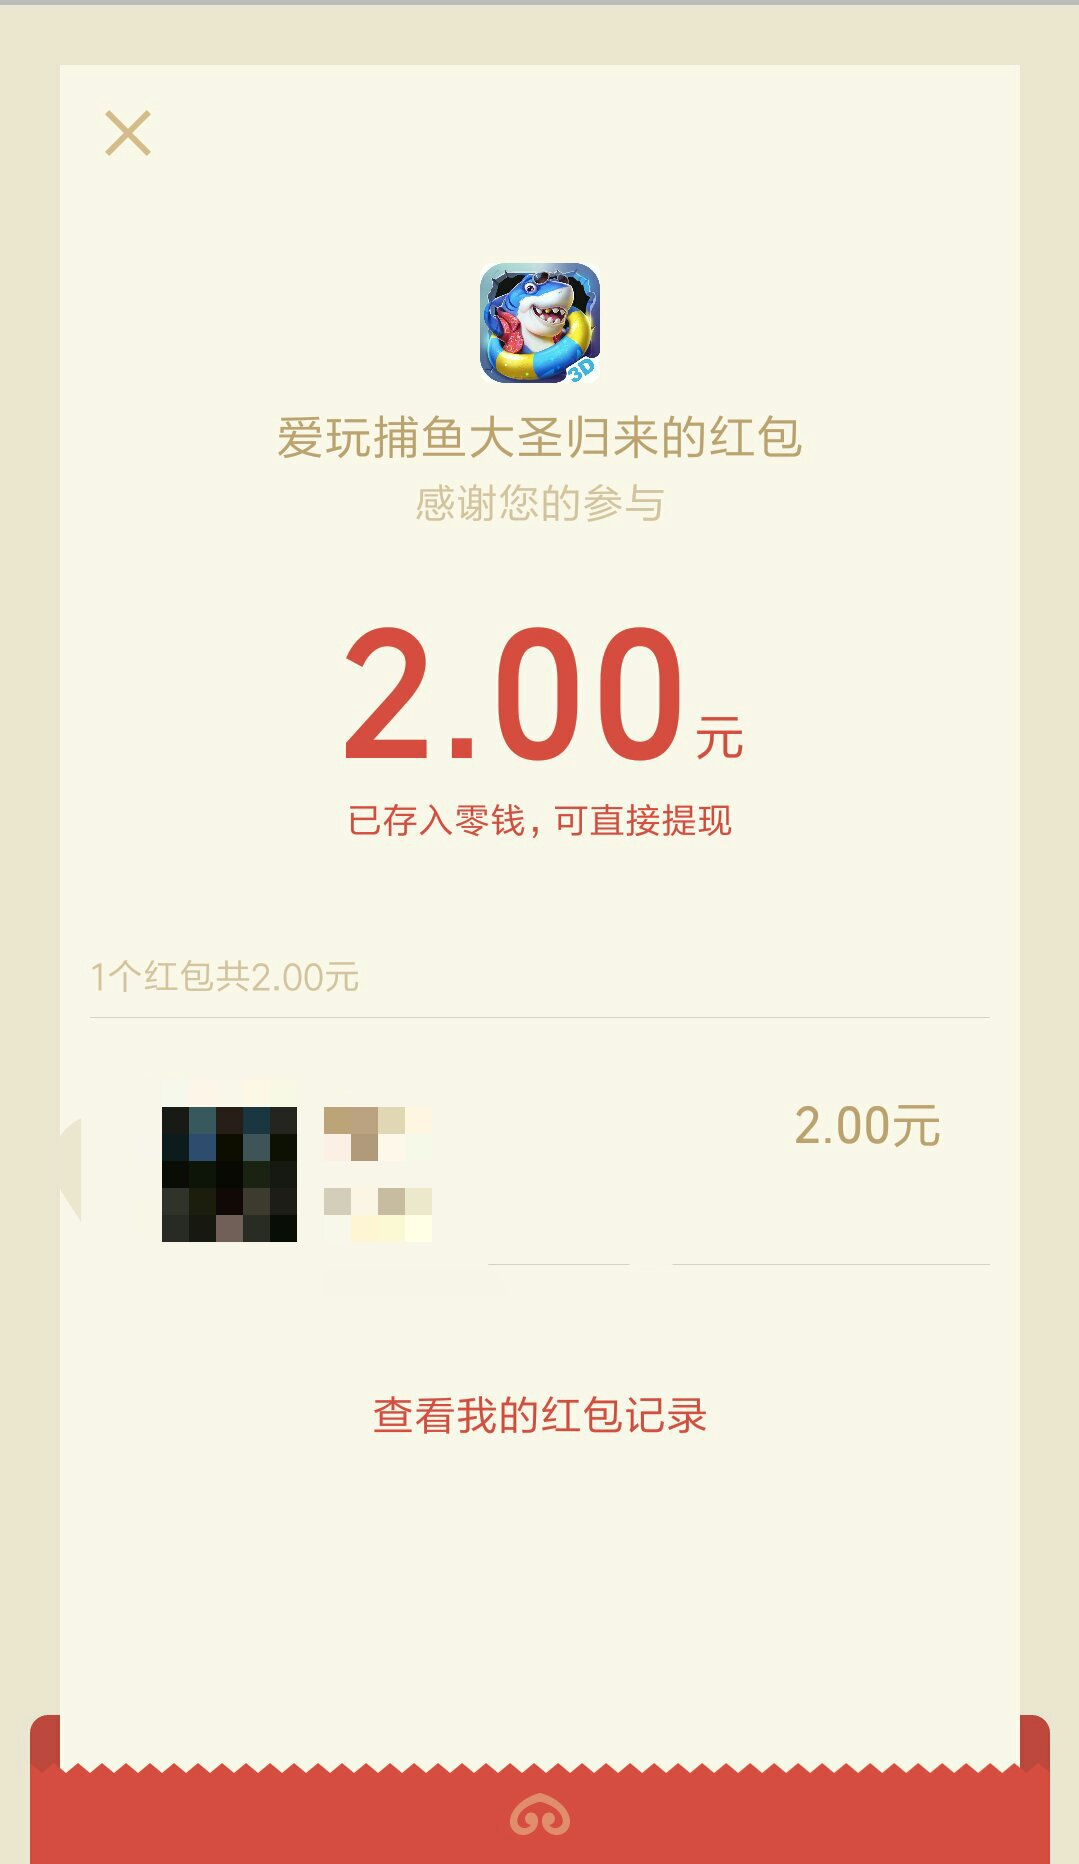 【现金红包】必中2元微信红包-www.im86.com